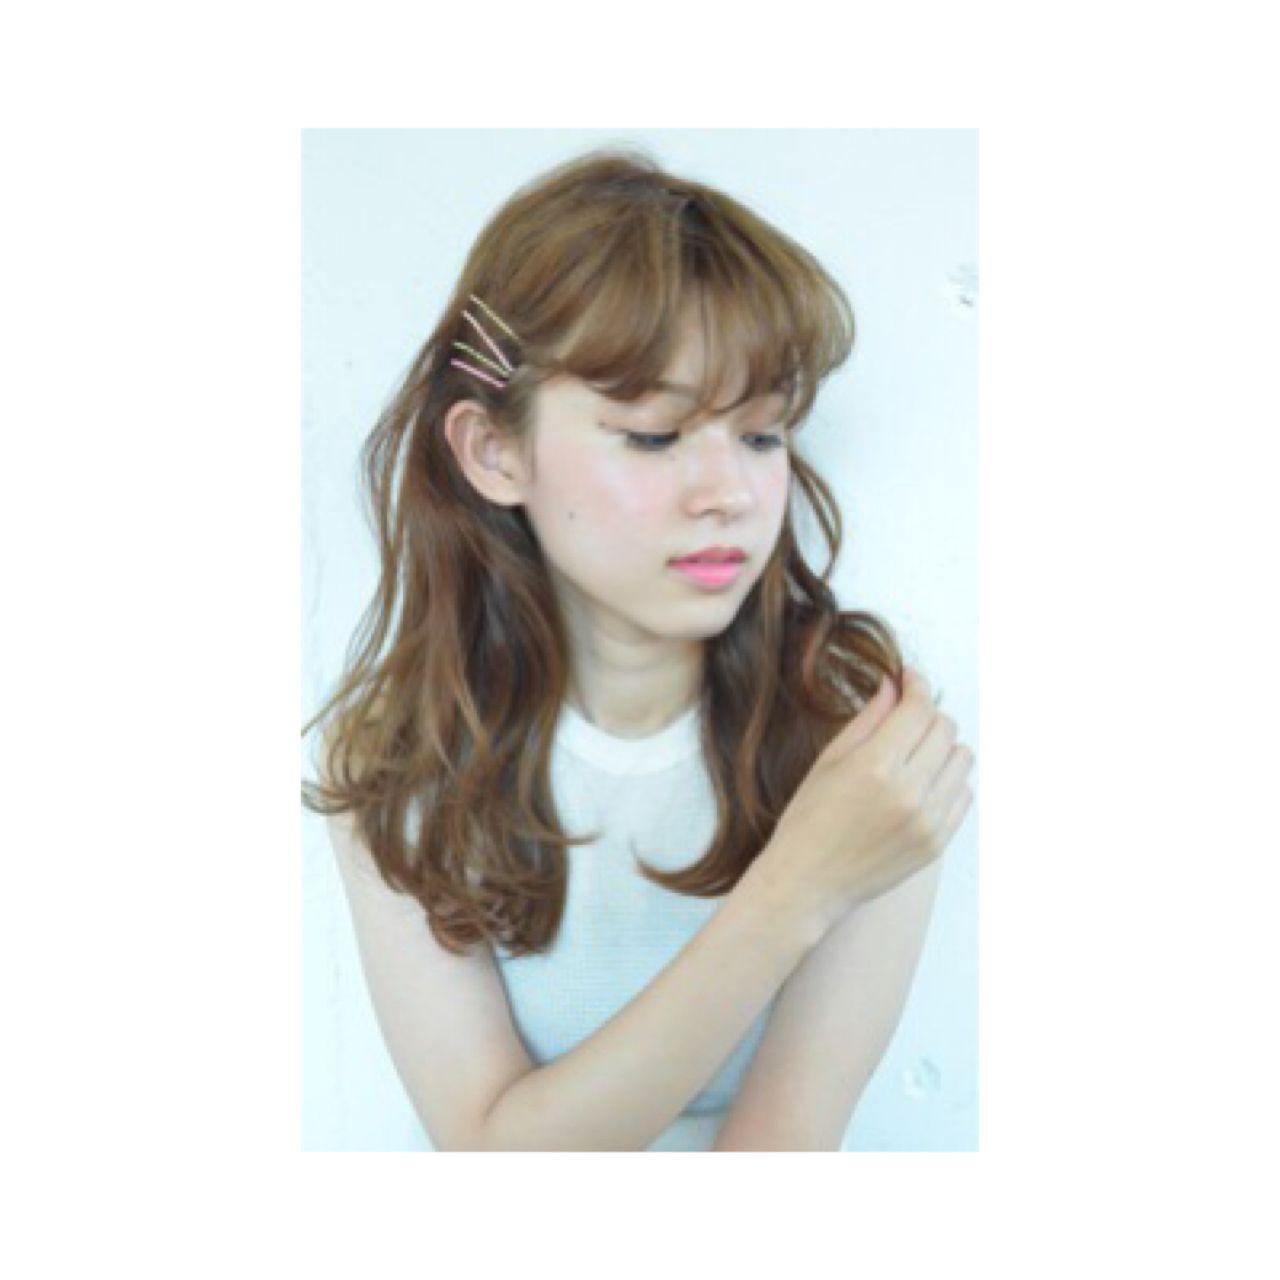 外国人風 黒髪 外国人風カラー ヘアアレンジ ヘアスタイルや髪型の写真・画像